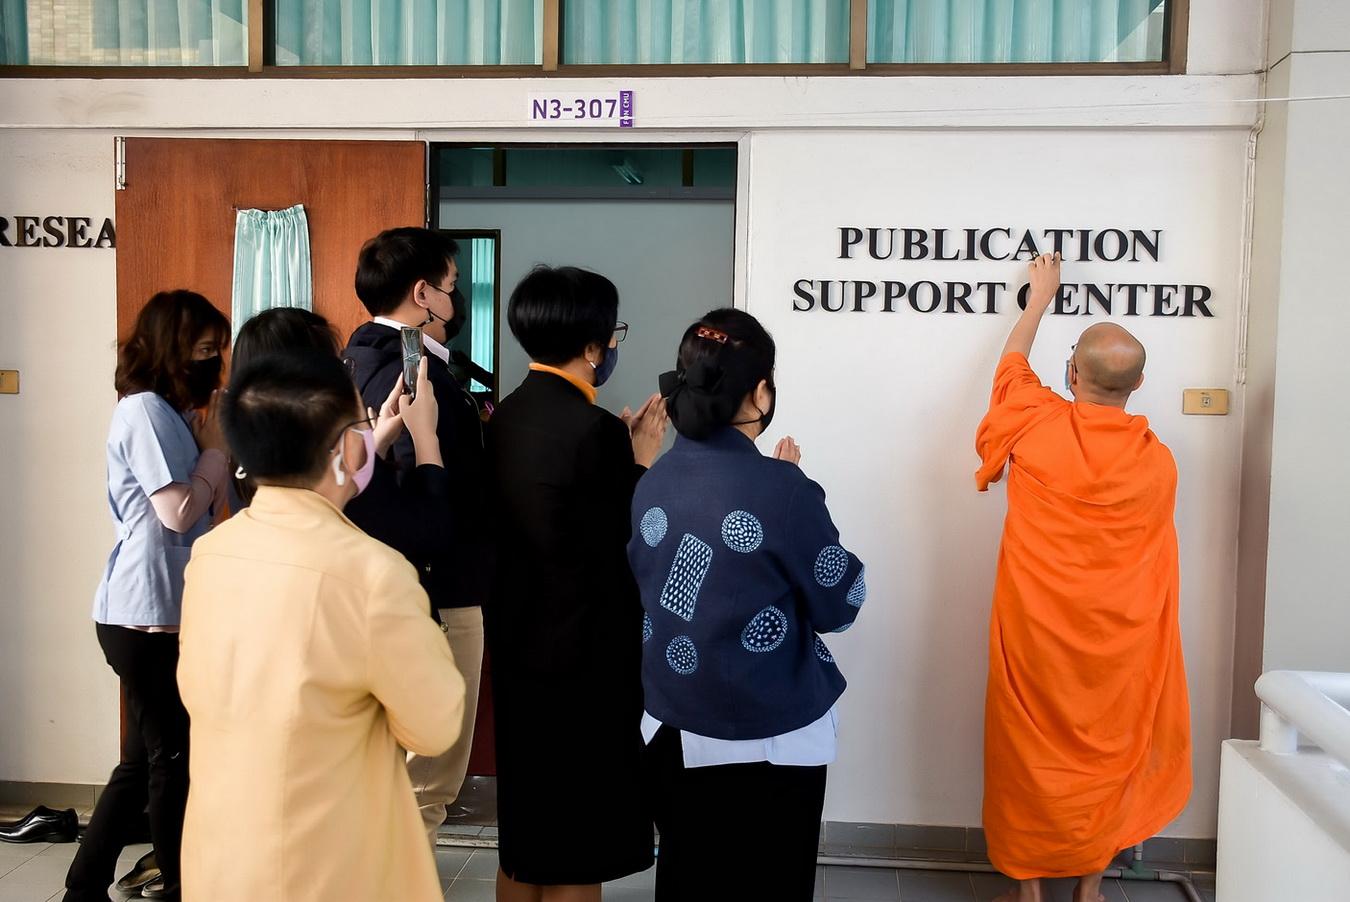 พิธีทำบุญเปิดศูนย์ Publication support center